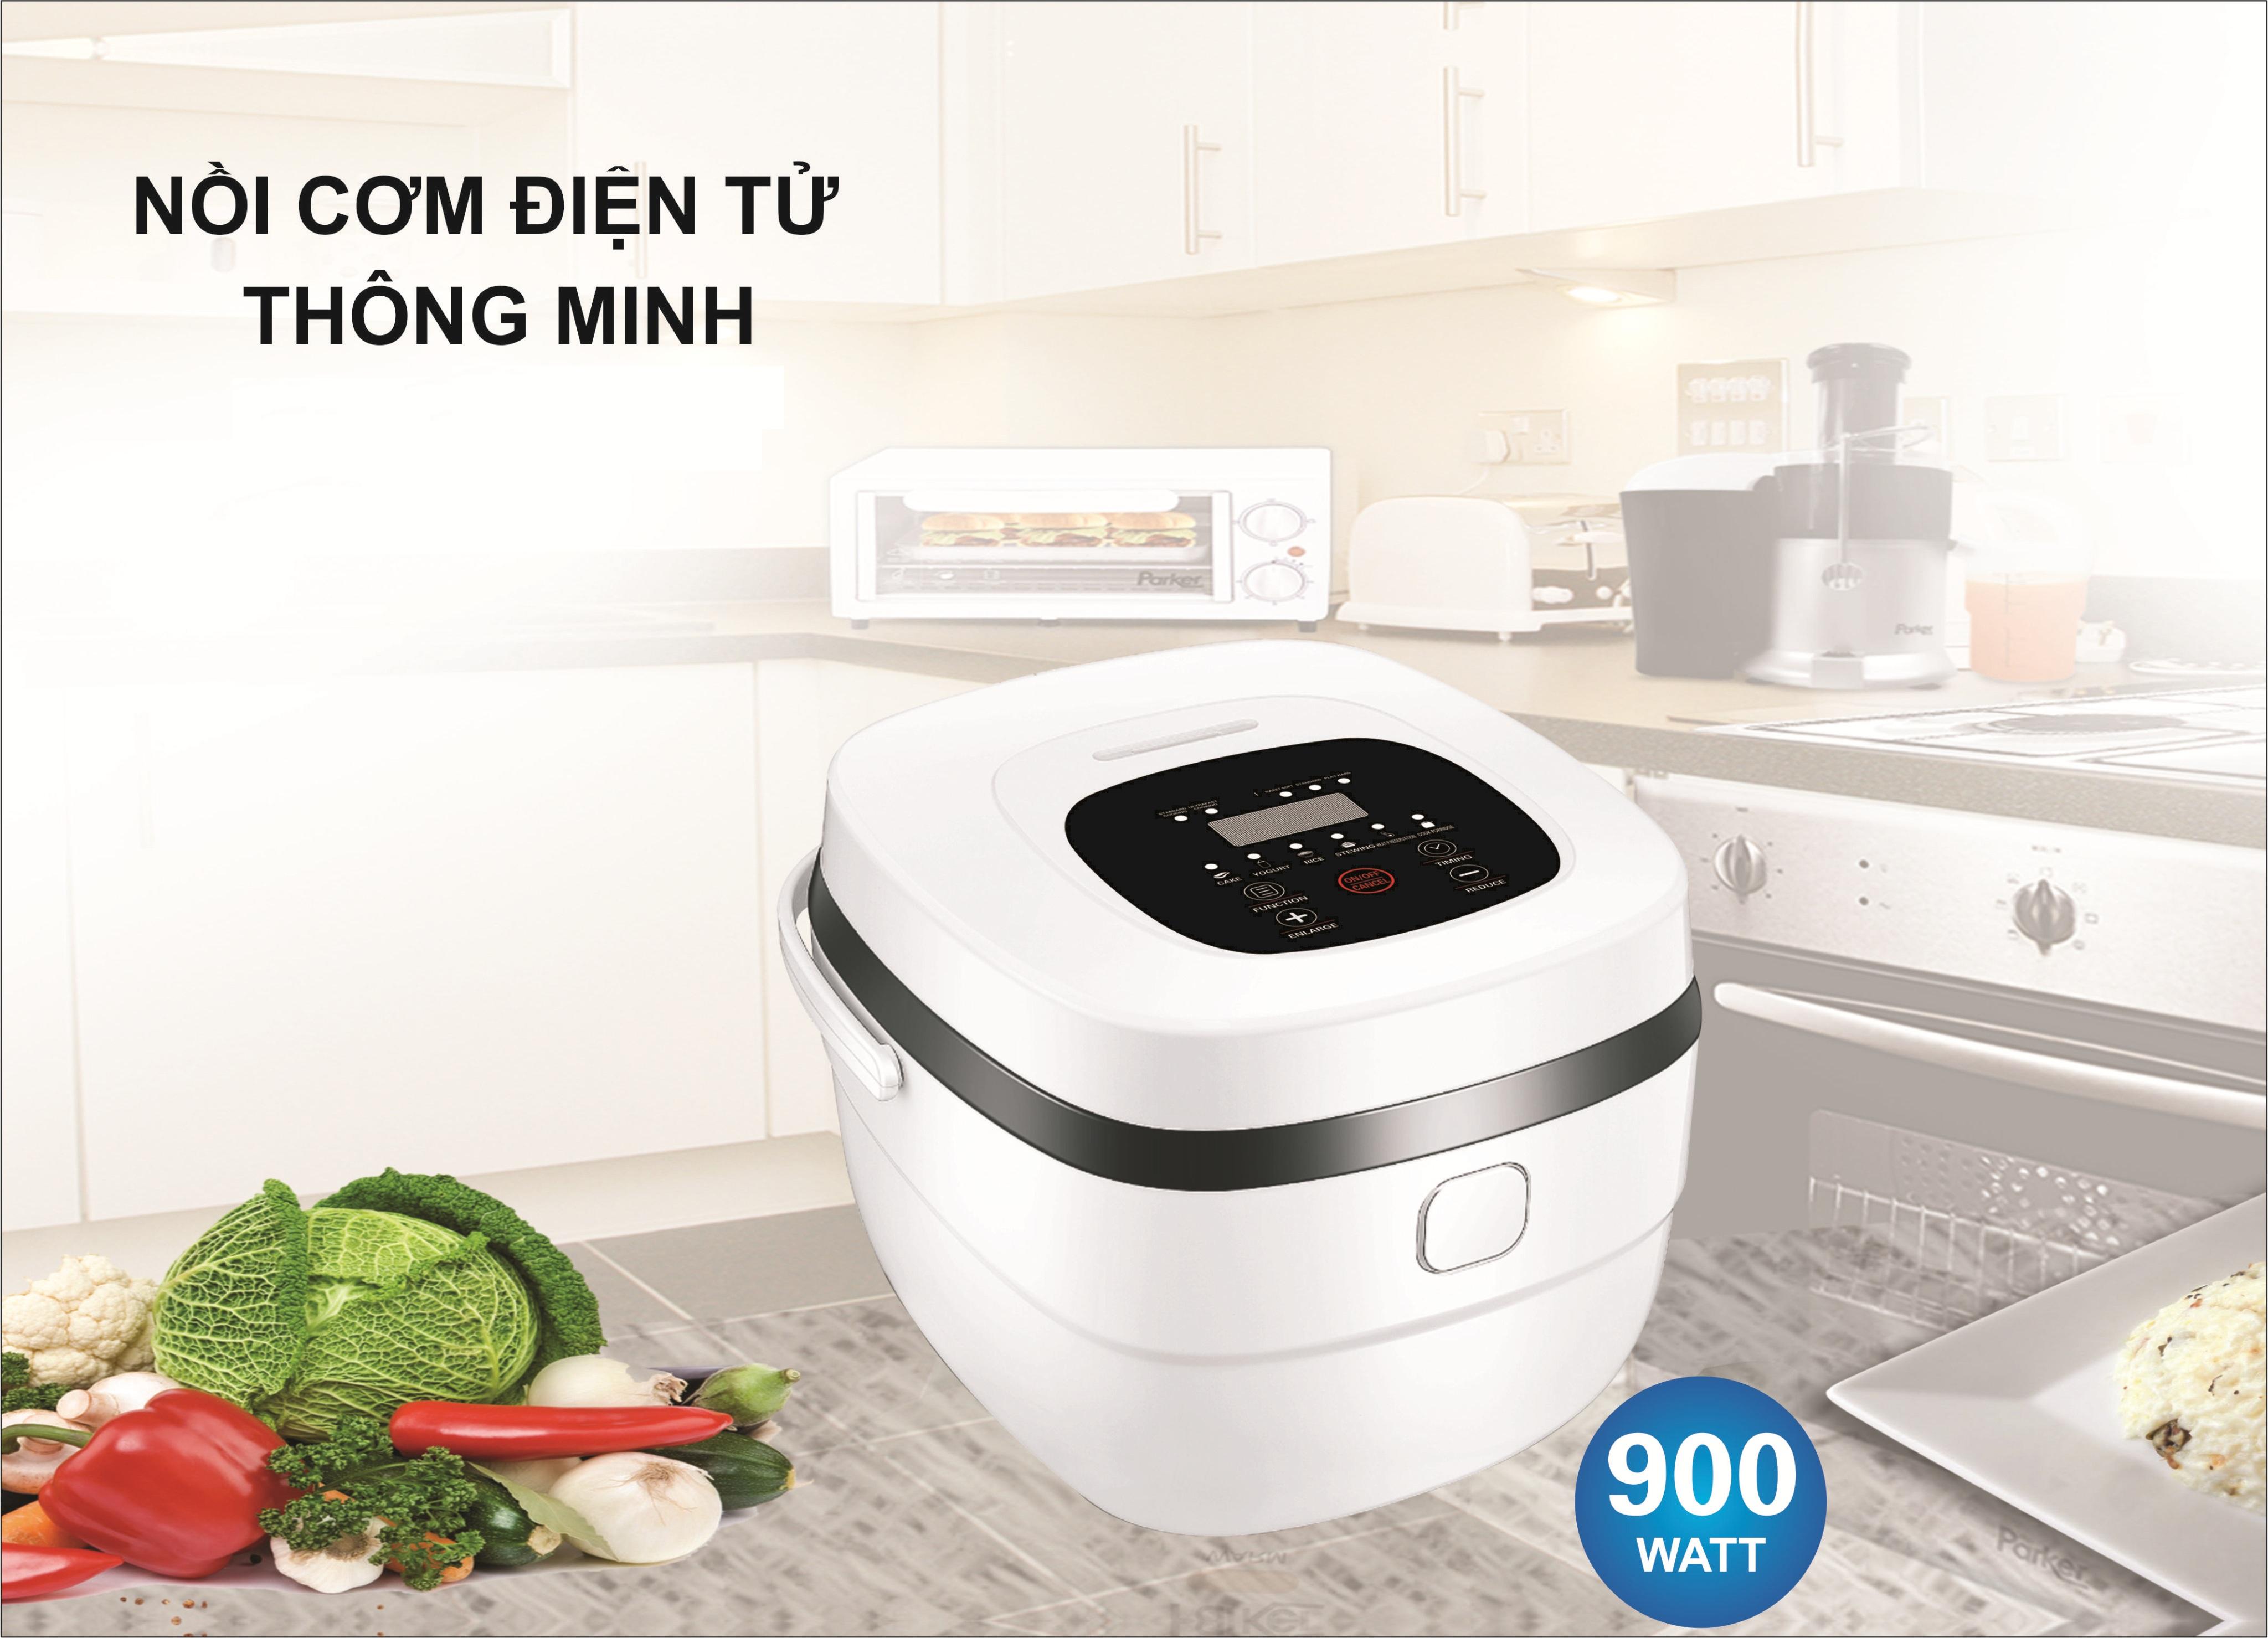 Nồi cơm điện tử thông minh đa năng với 8 chức năng nấu tiện dụng, thiết kế đáy 5 lớp chống trầy xước và ăn mòn